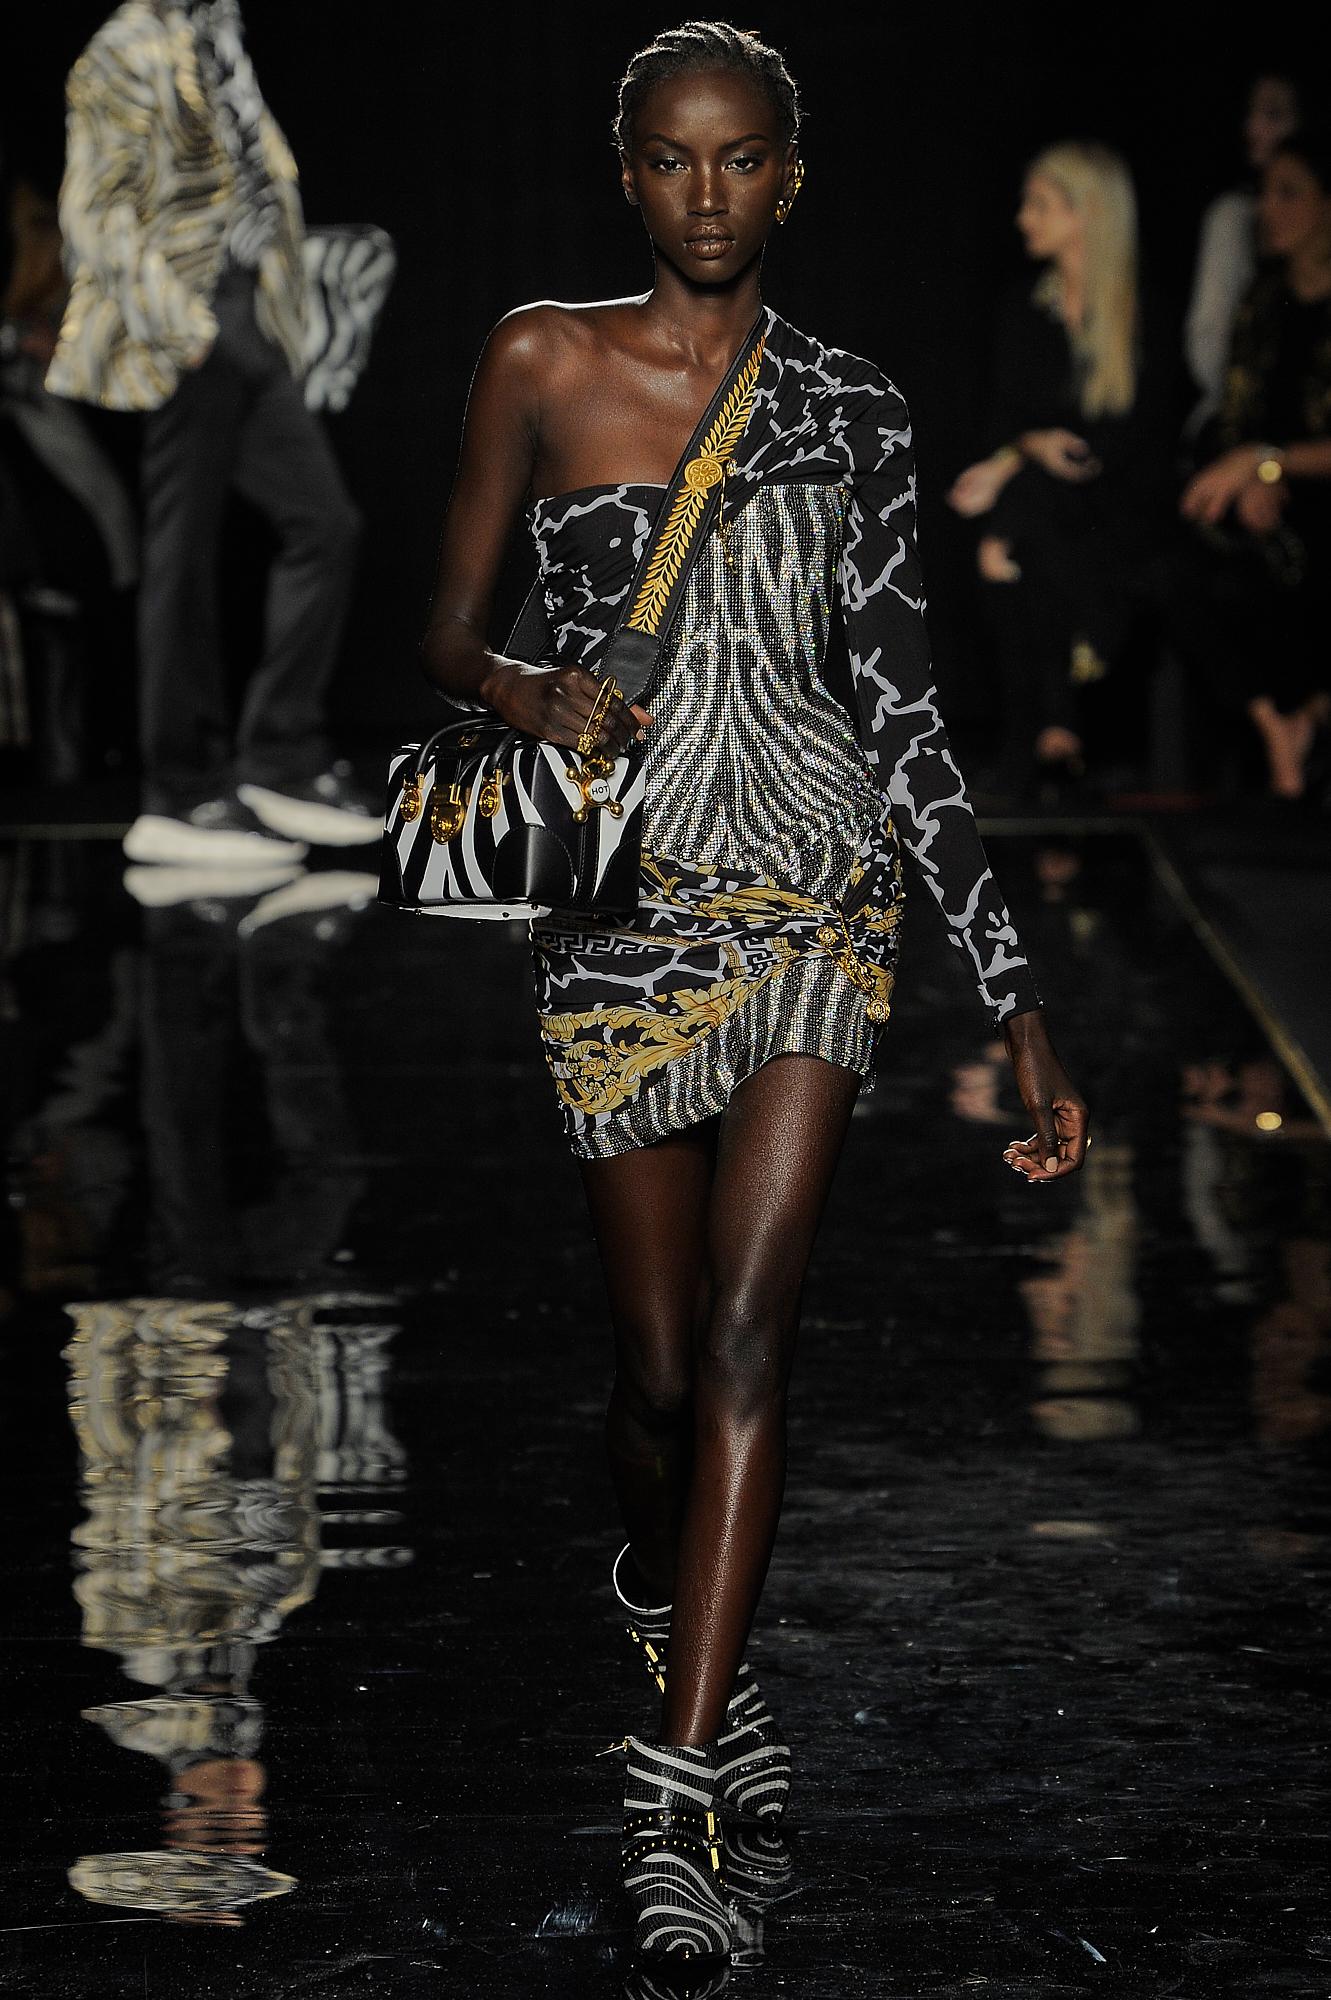 Versace_13_59_versace_runway_runway_00013.jpg